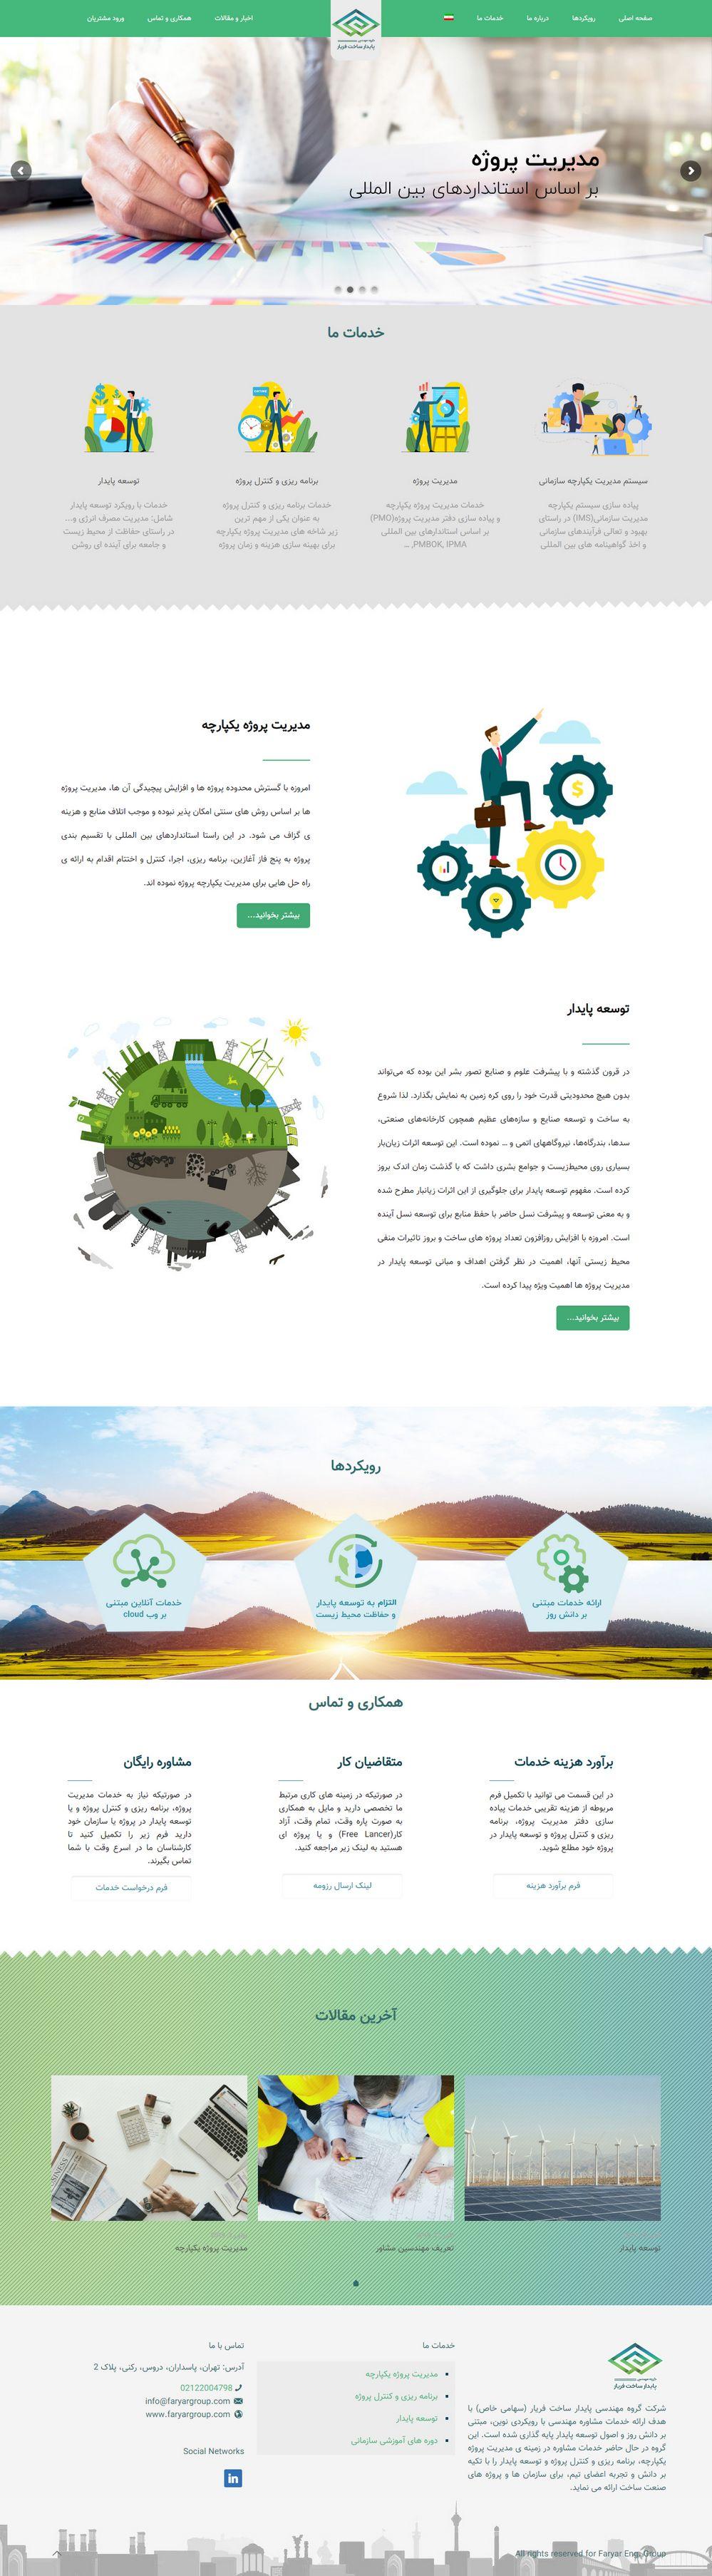 طراحی سایت اختصاصی پایدار ساخت فریار